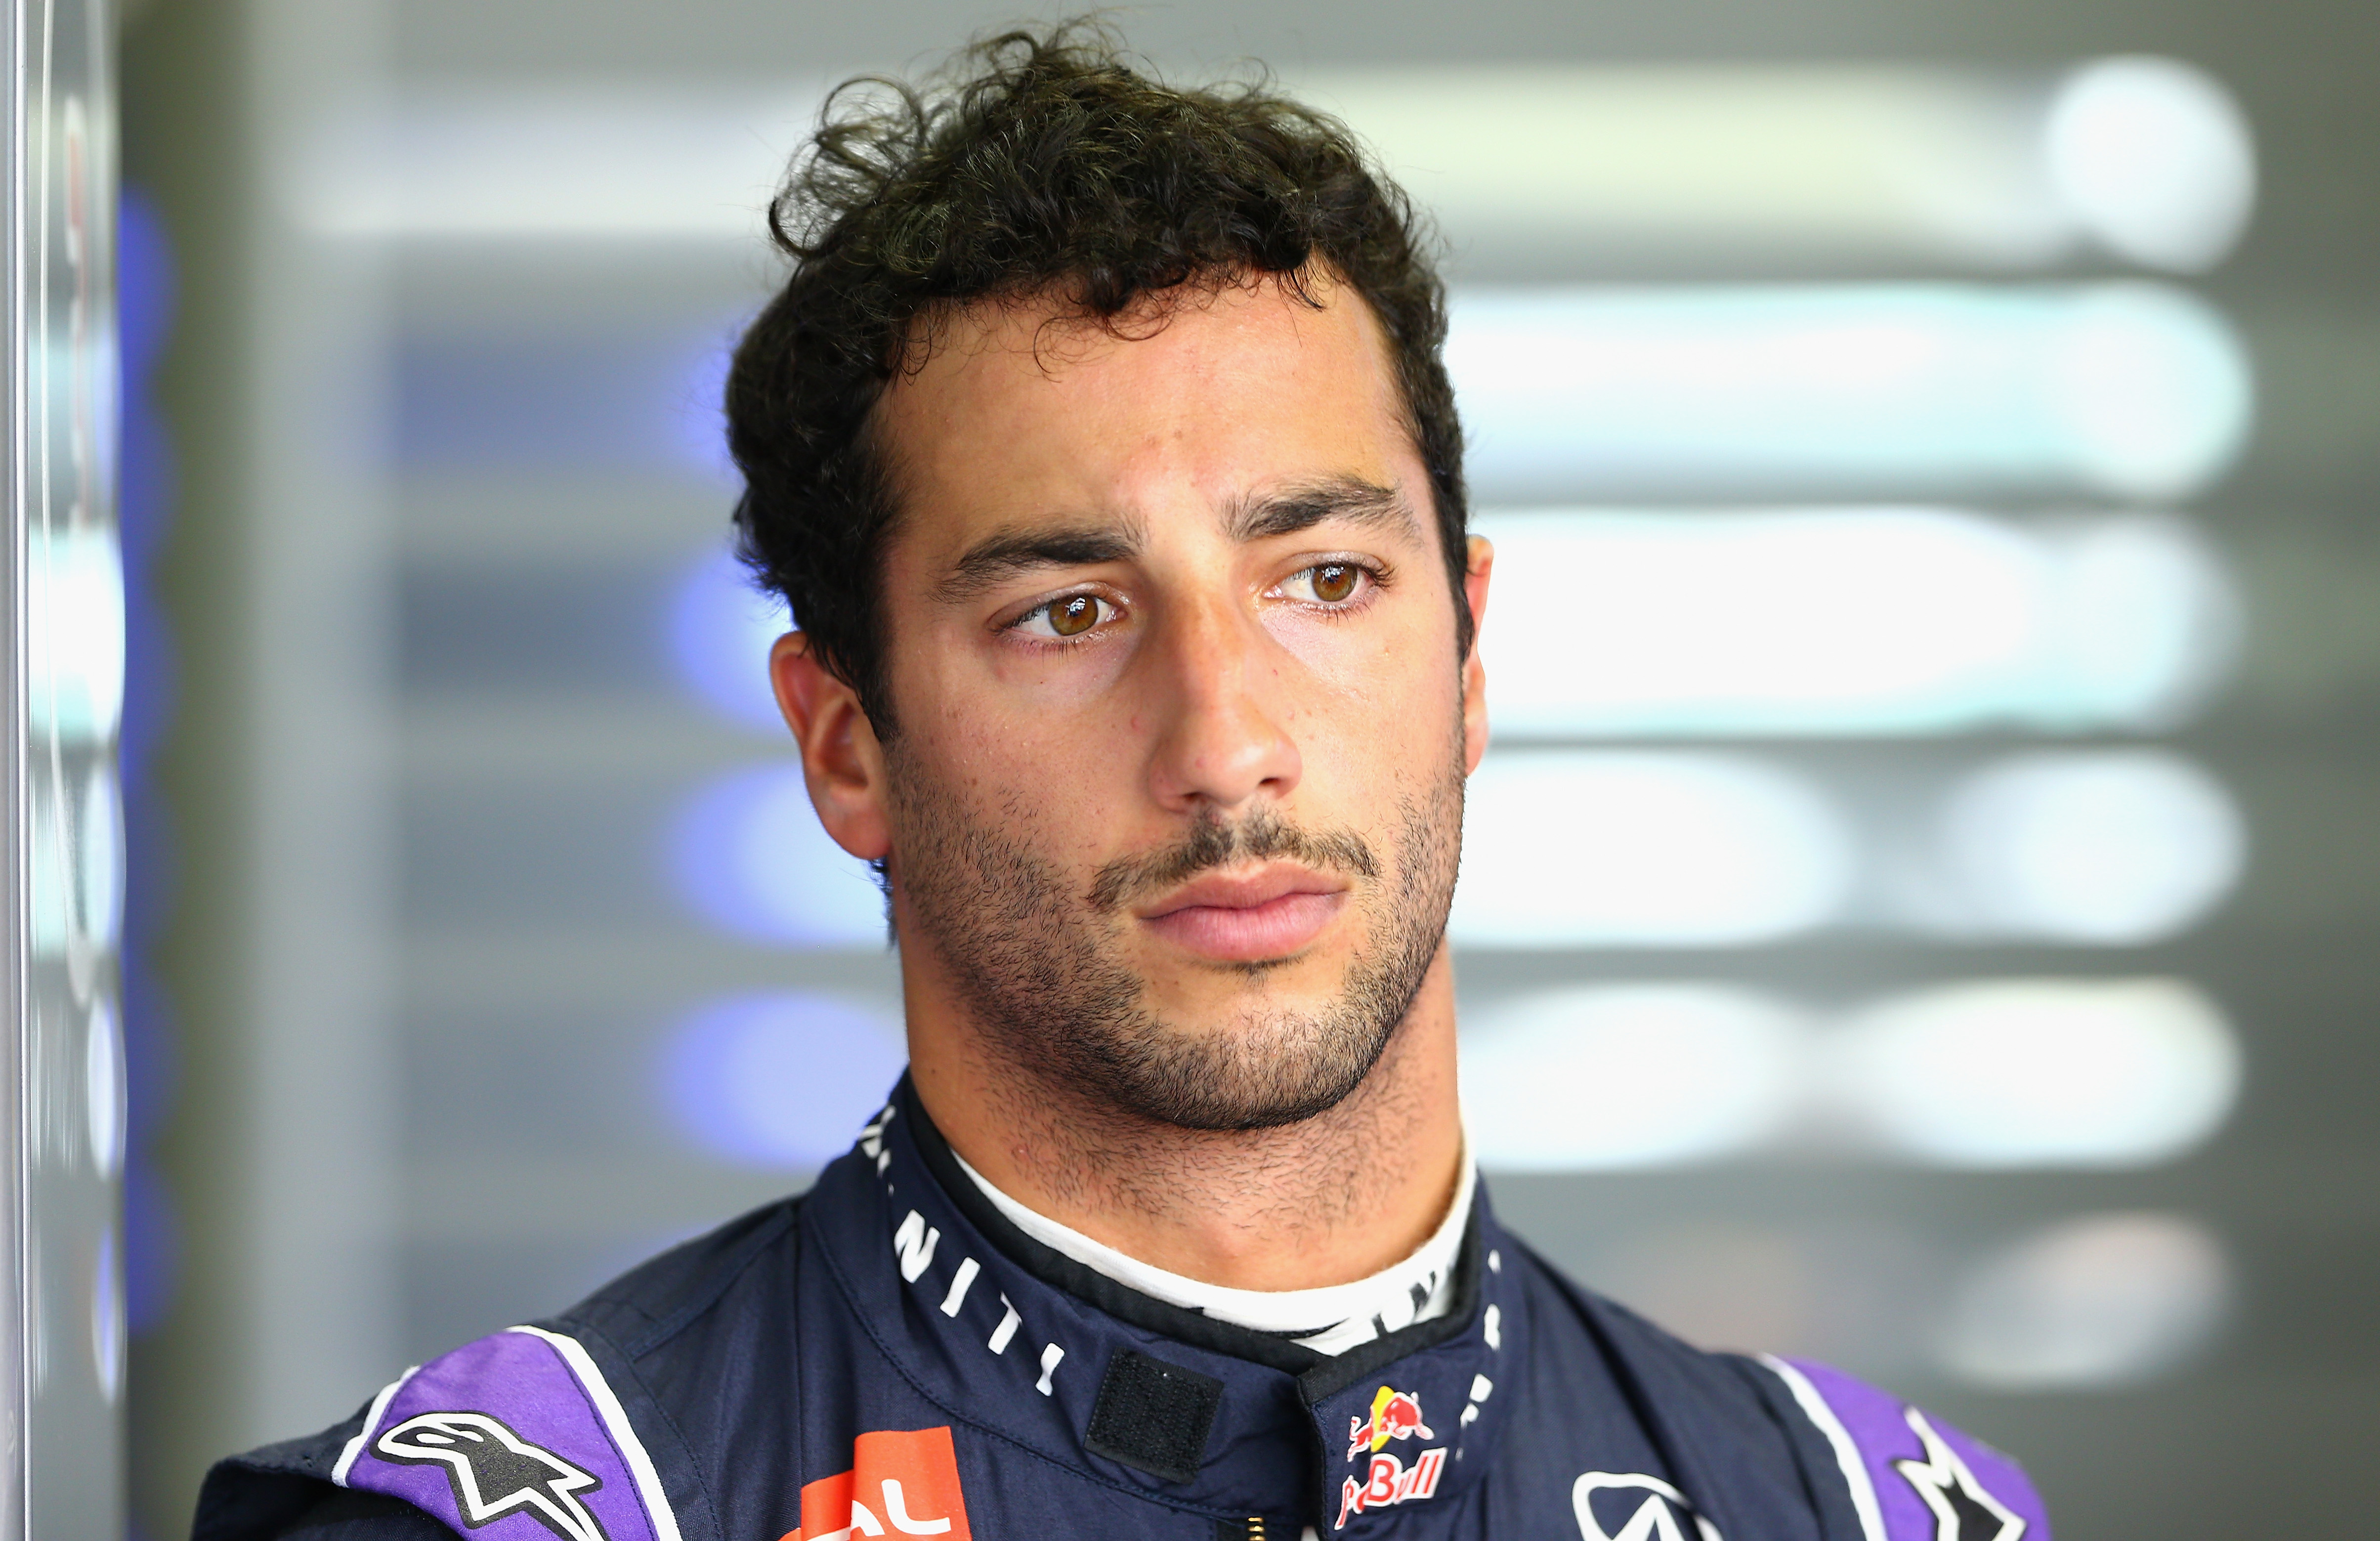 Ricciardo Heavily Punished For Engine Fiasco Other